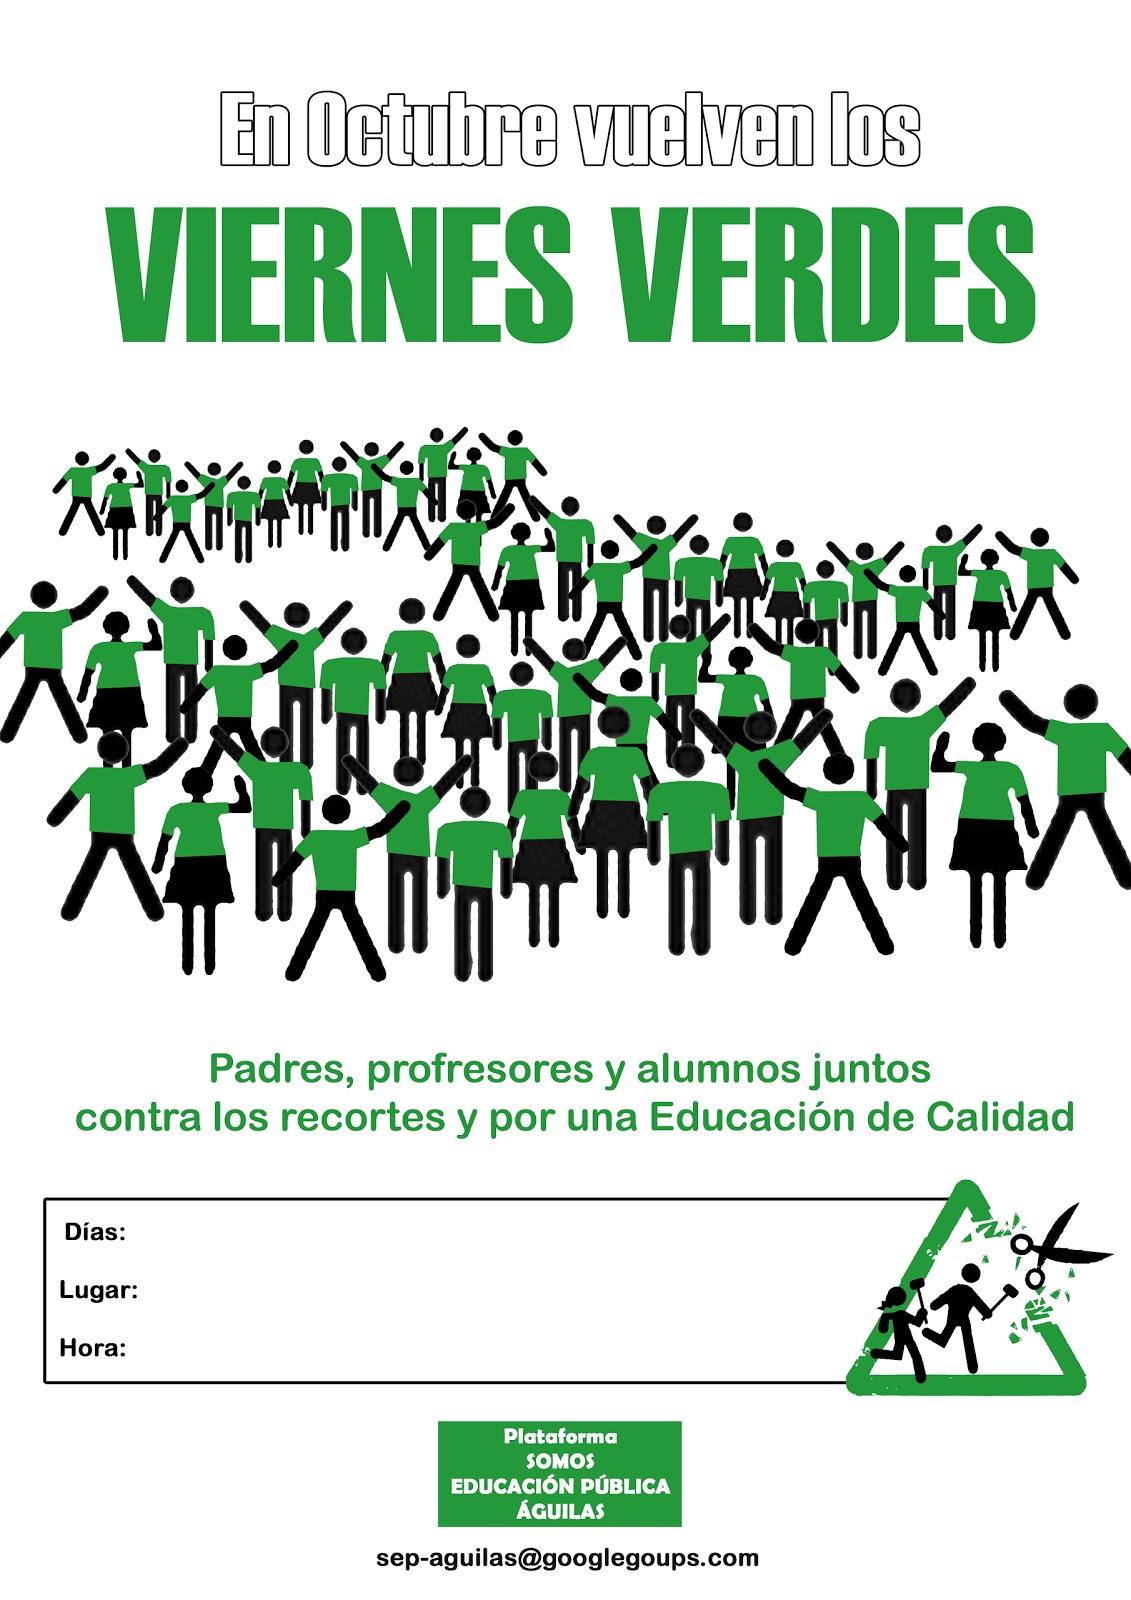 Águilas Radio 91.4 fm: Se reanudan los Viernes Verdes